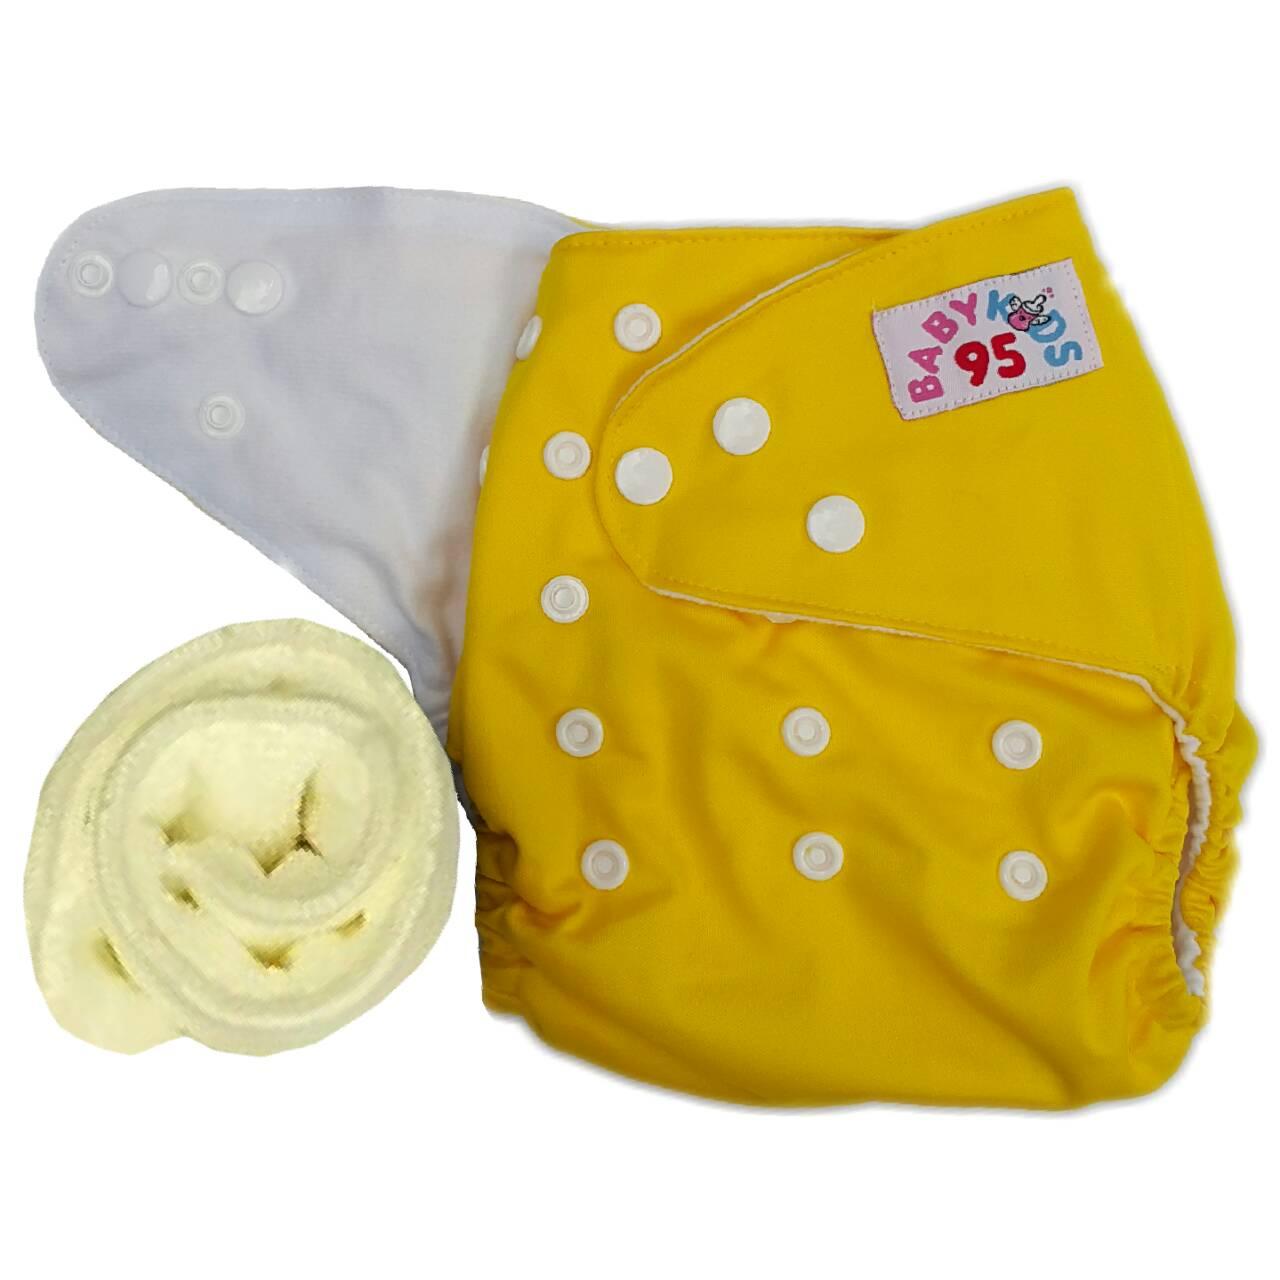 กางเกงผ้าอ้อมกันน้ำ+แผ่นซับไมโครฯหนา3ชั้น Size 3-16 kg. -Yellow